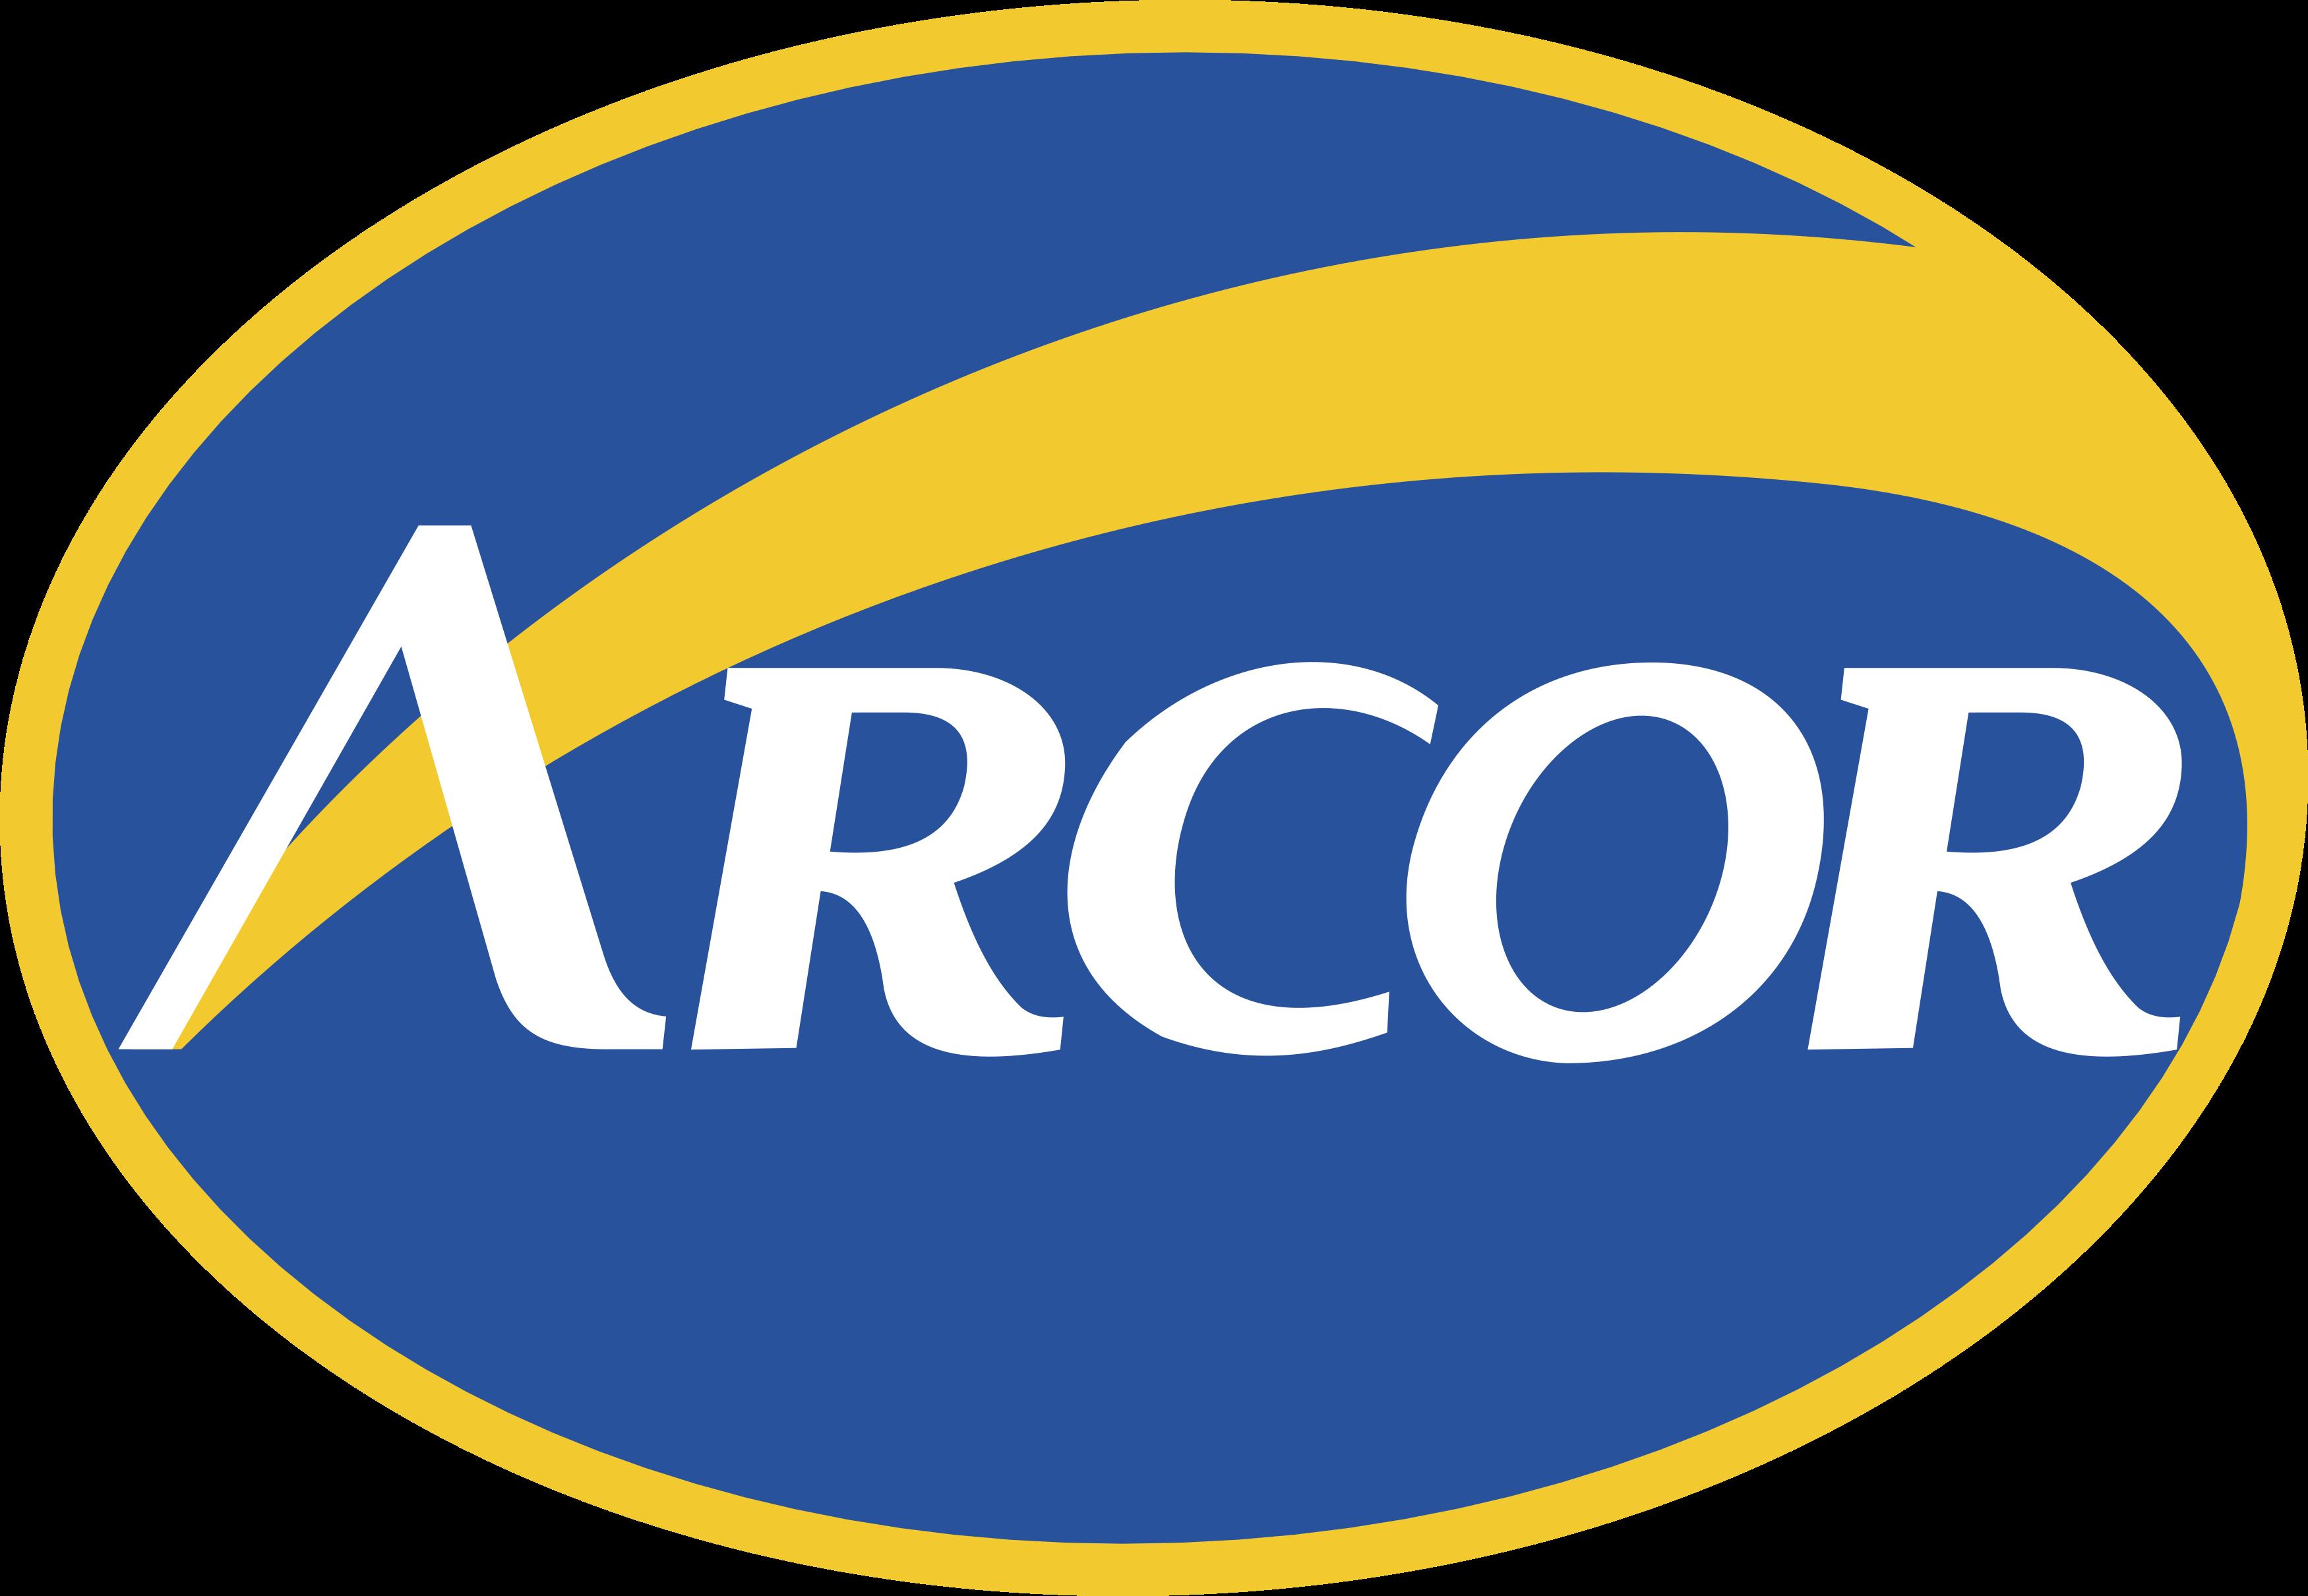 arcor logo - Arcor Logo